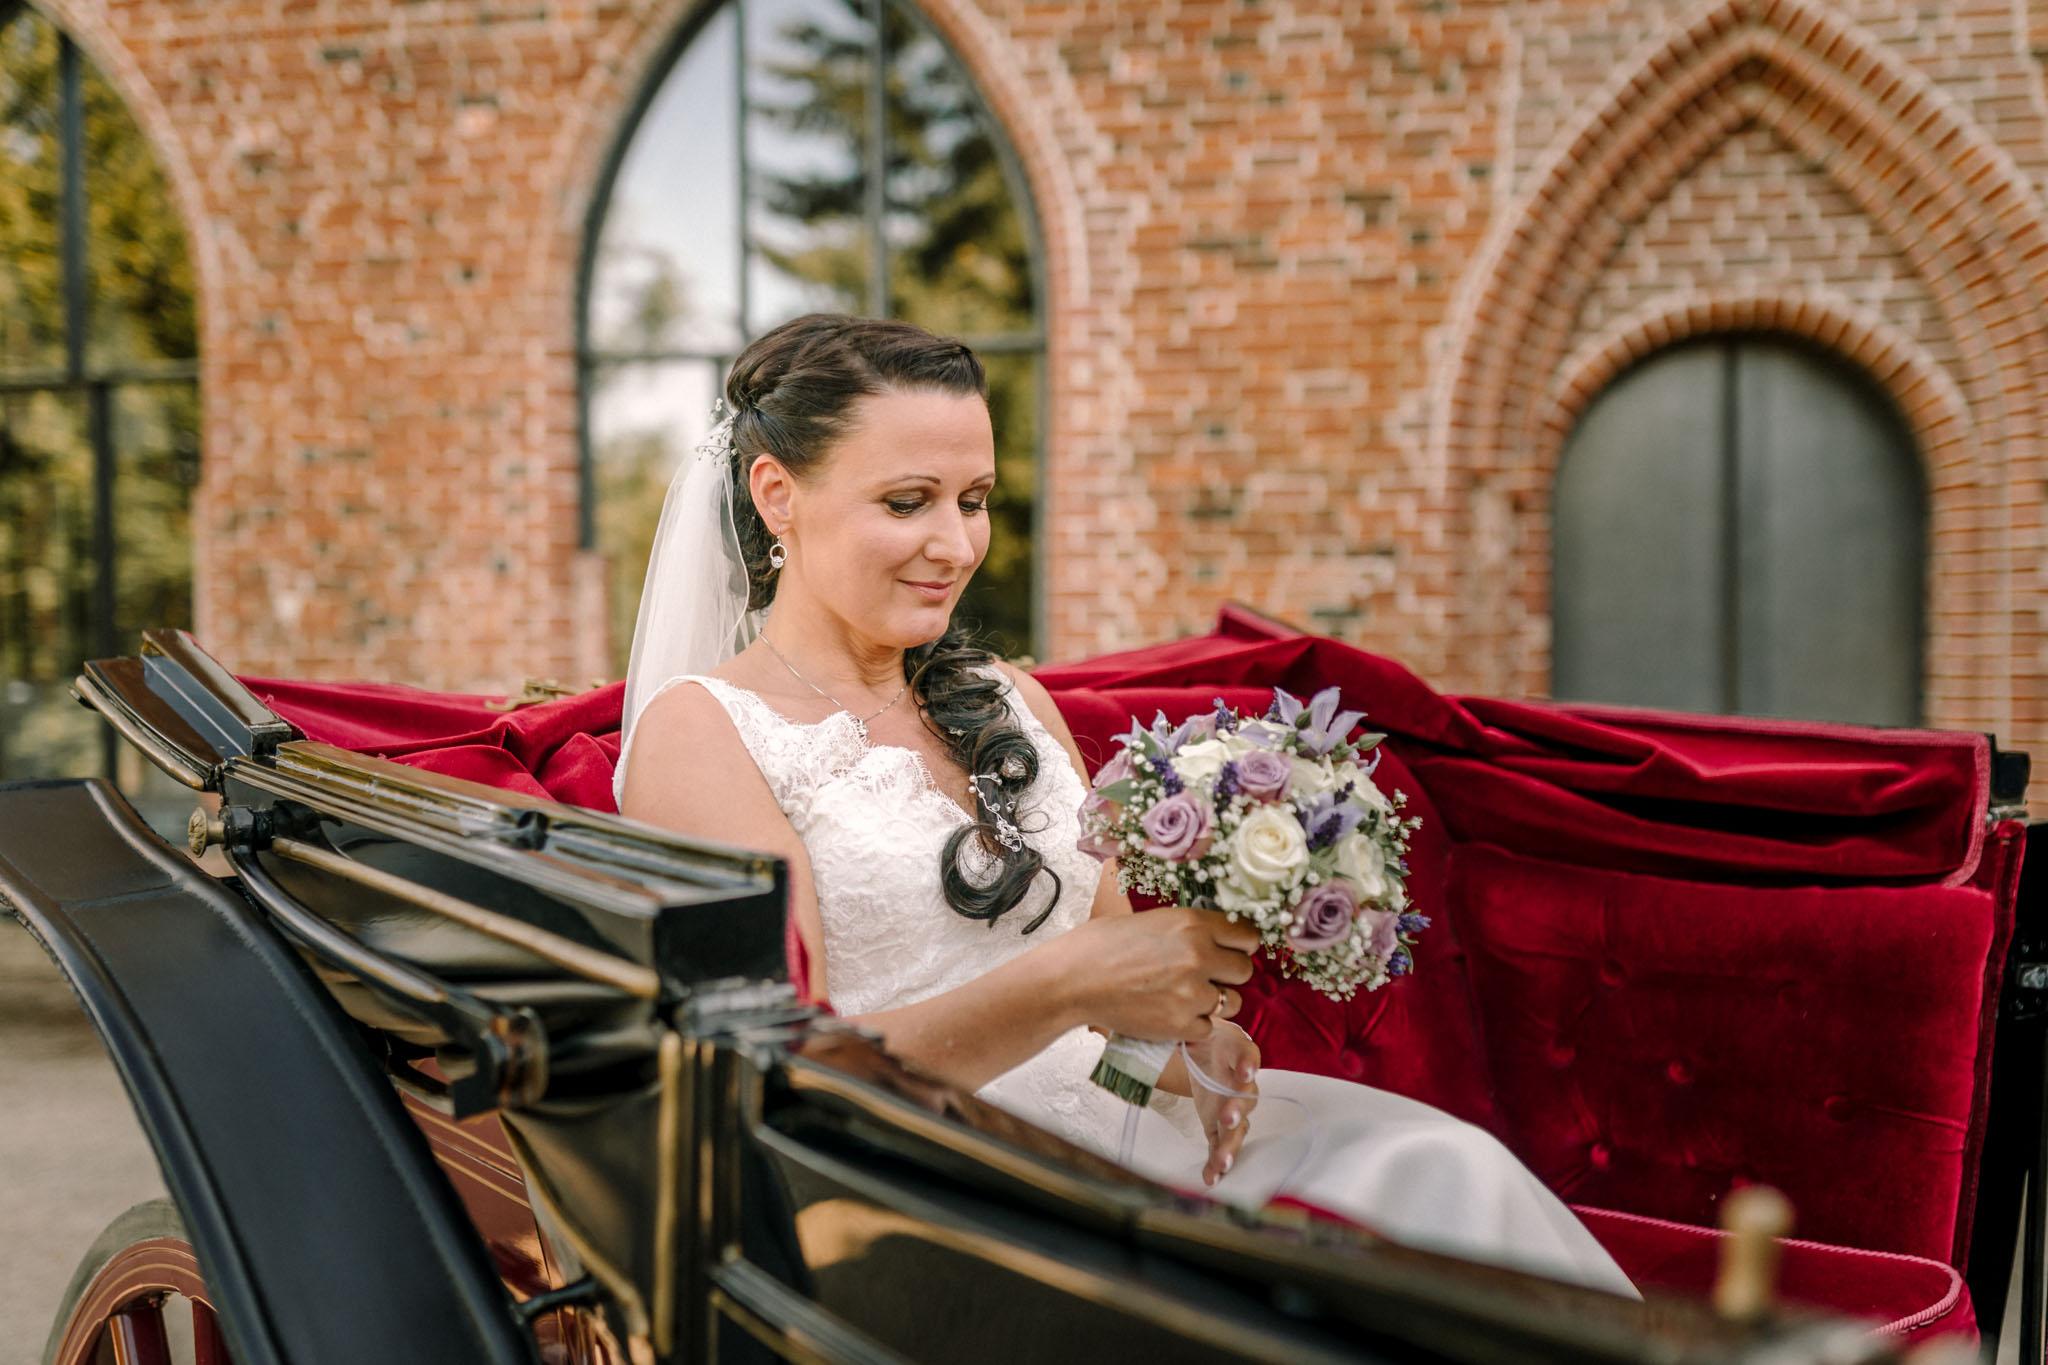 Hochzeitsfieber by Photo-Schomburg, Hochzeitsfotograf, Hamburg,Hochzeitstag, Hochzeitspaar, Braut, Bräutigam, Literaturhauscafe Zarrentin-88